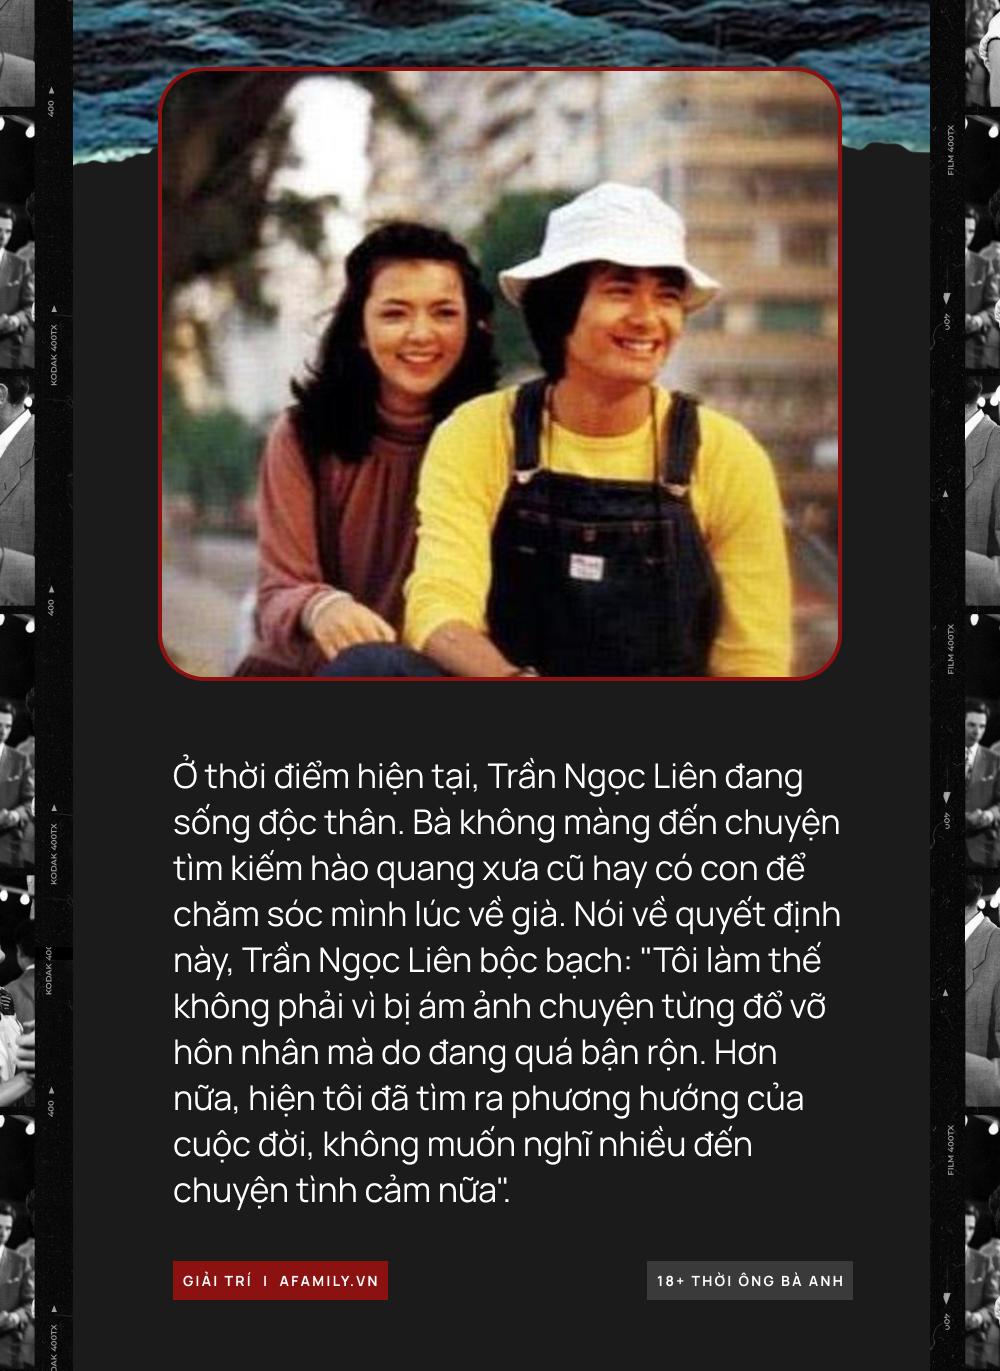 """Phim 18+ của Trần Ngọc Liên: Sụp đổ hình tượng """"Tiểu Long Nữ"""", tự sát vì Châu Nhuận Phát bất thành nên đóng phim cấp 3 - Ảnh 9."""